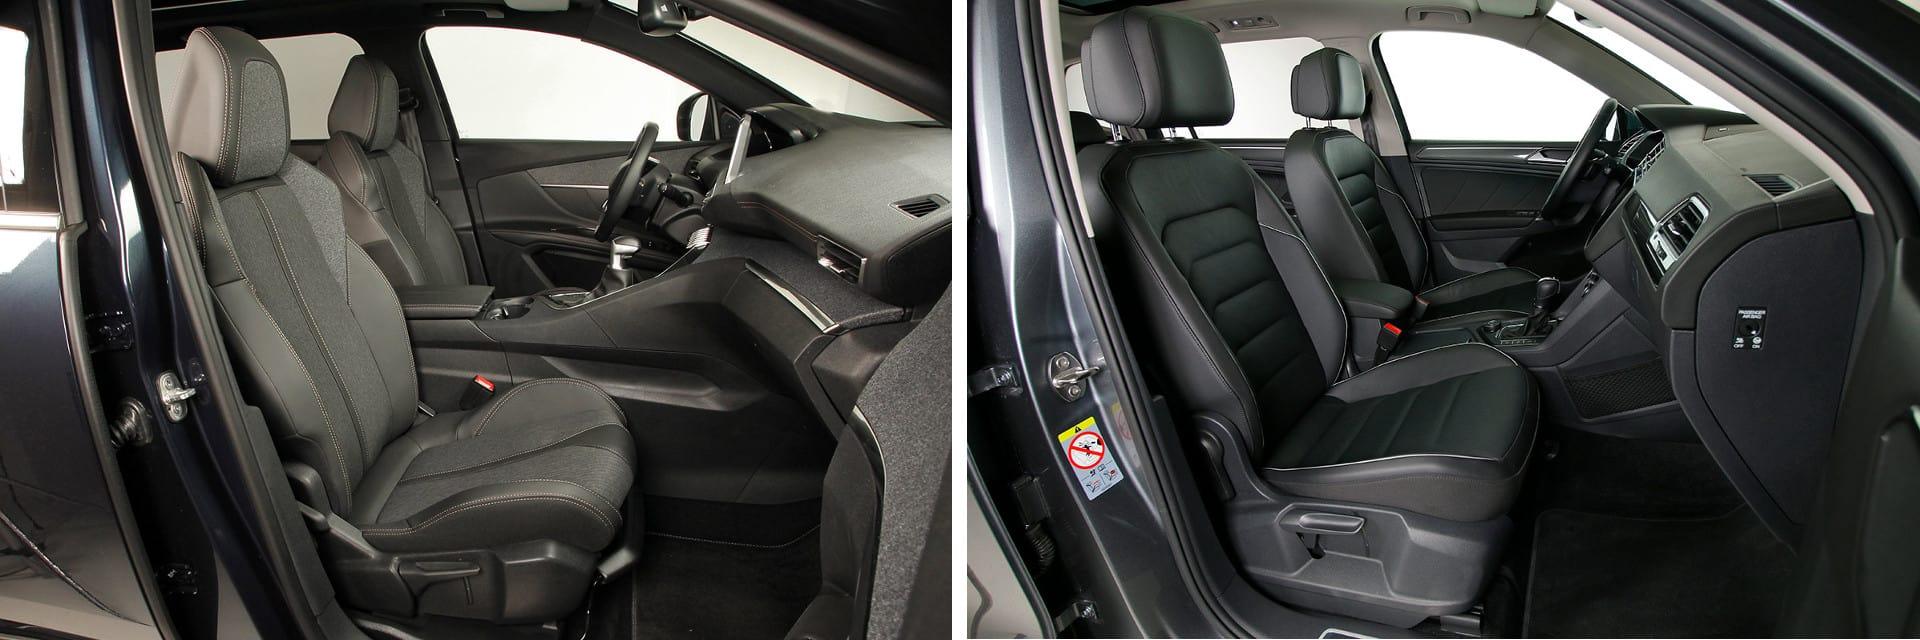 Las medidas que hay en las plazas delanteras son prácticamente iguales en los dos coches.